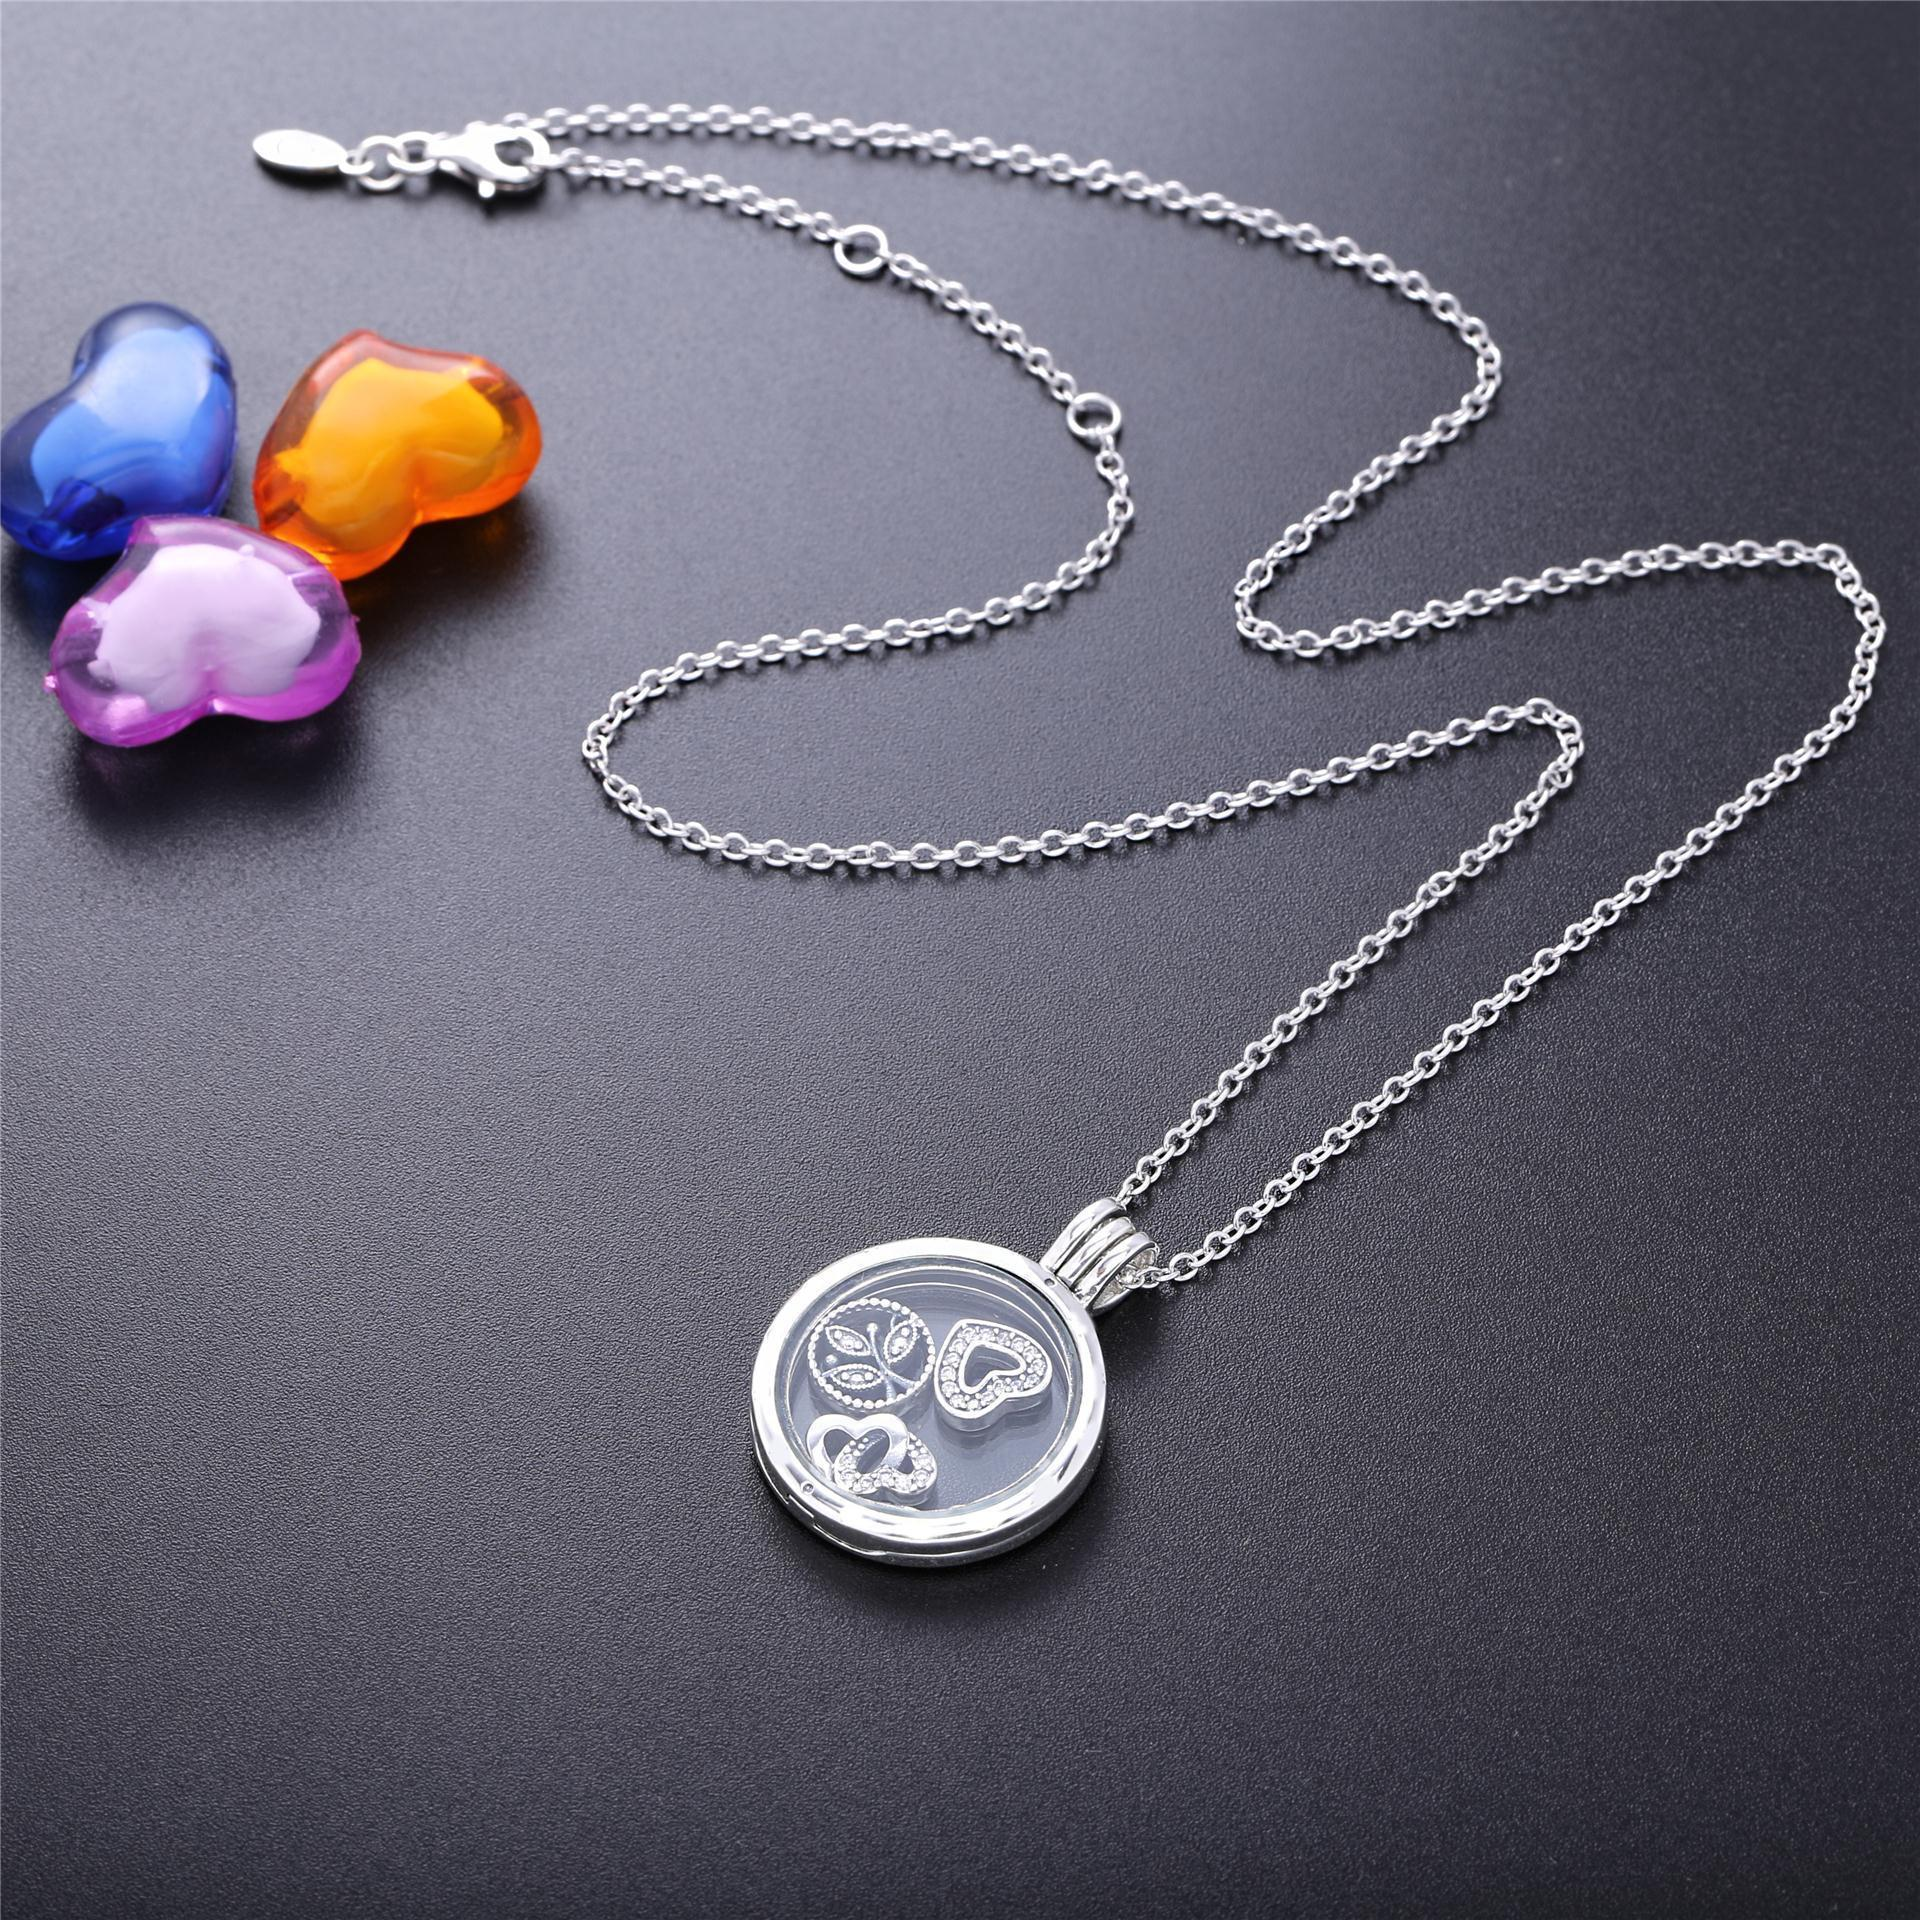 Original 925 Sterling Silver Floating Medalhão Pan Colar Com Limpar Cubic Zirconia De Vidro Para As Mulheres Presente Jóias Diy J190526